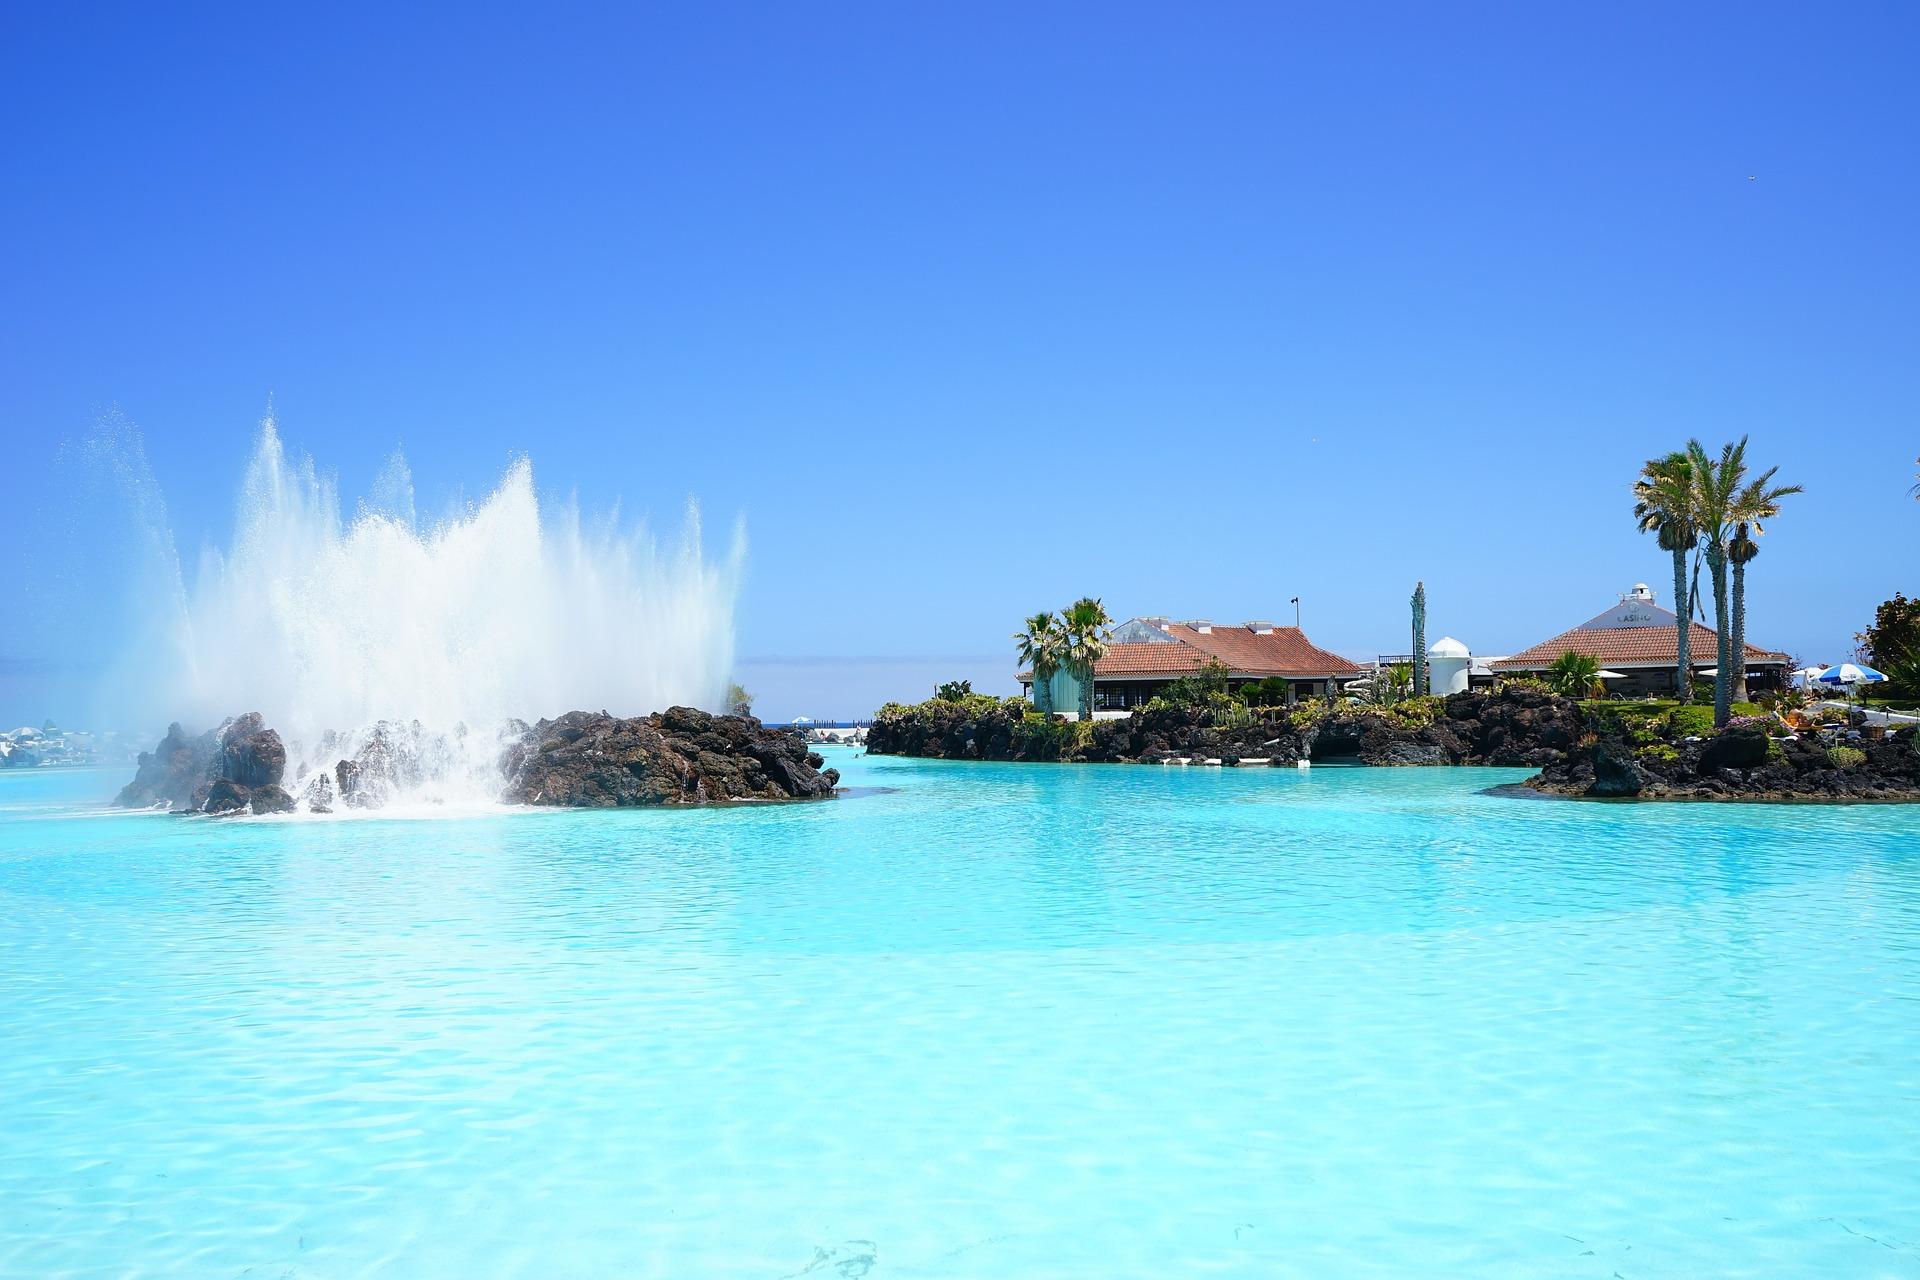 Kurzurlaub auf Teneriffa 3 Nächte günstig ab 43,00€ Flug + Hotel Fontaine